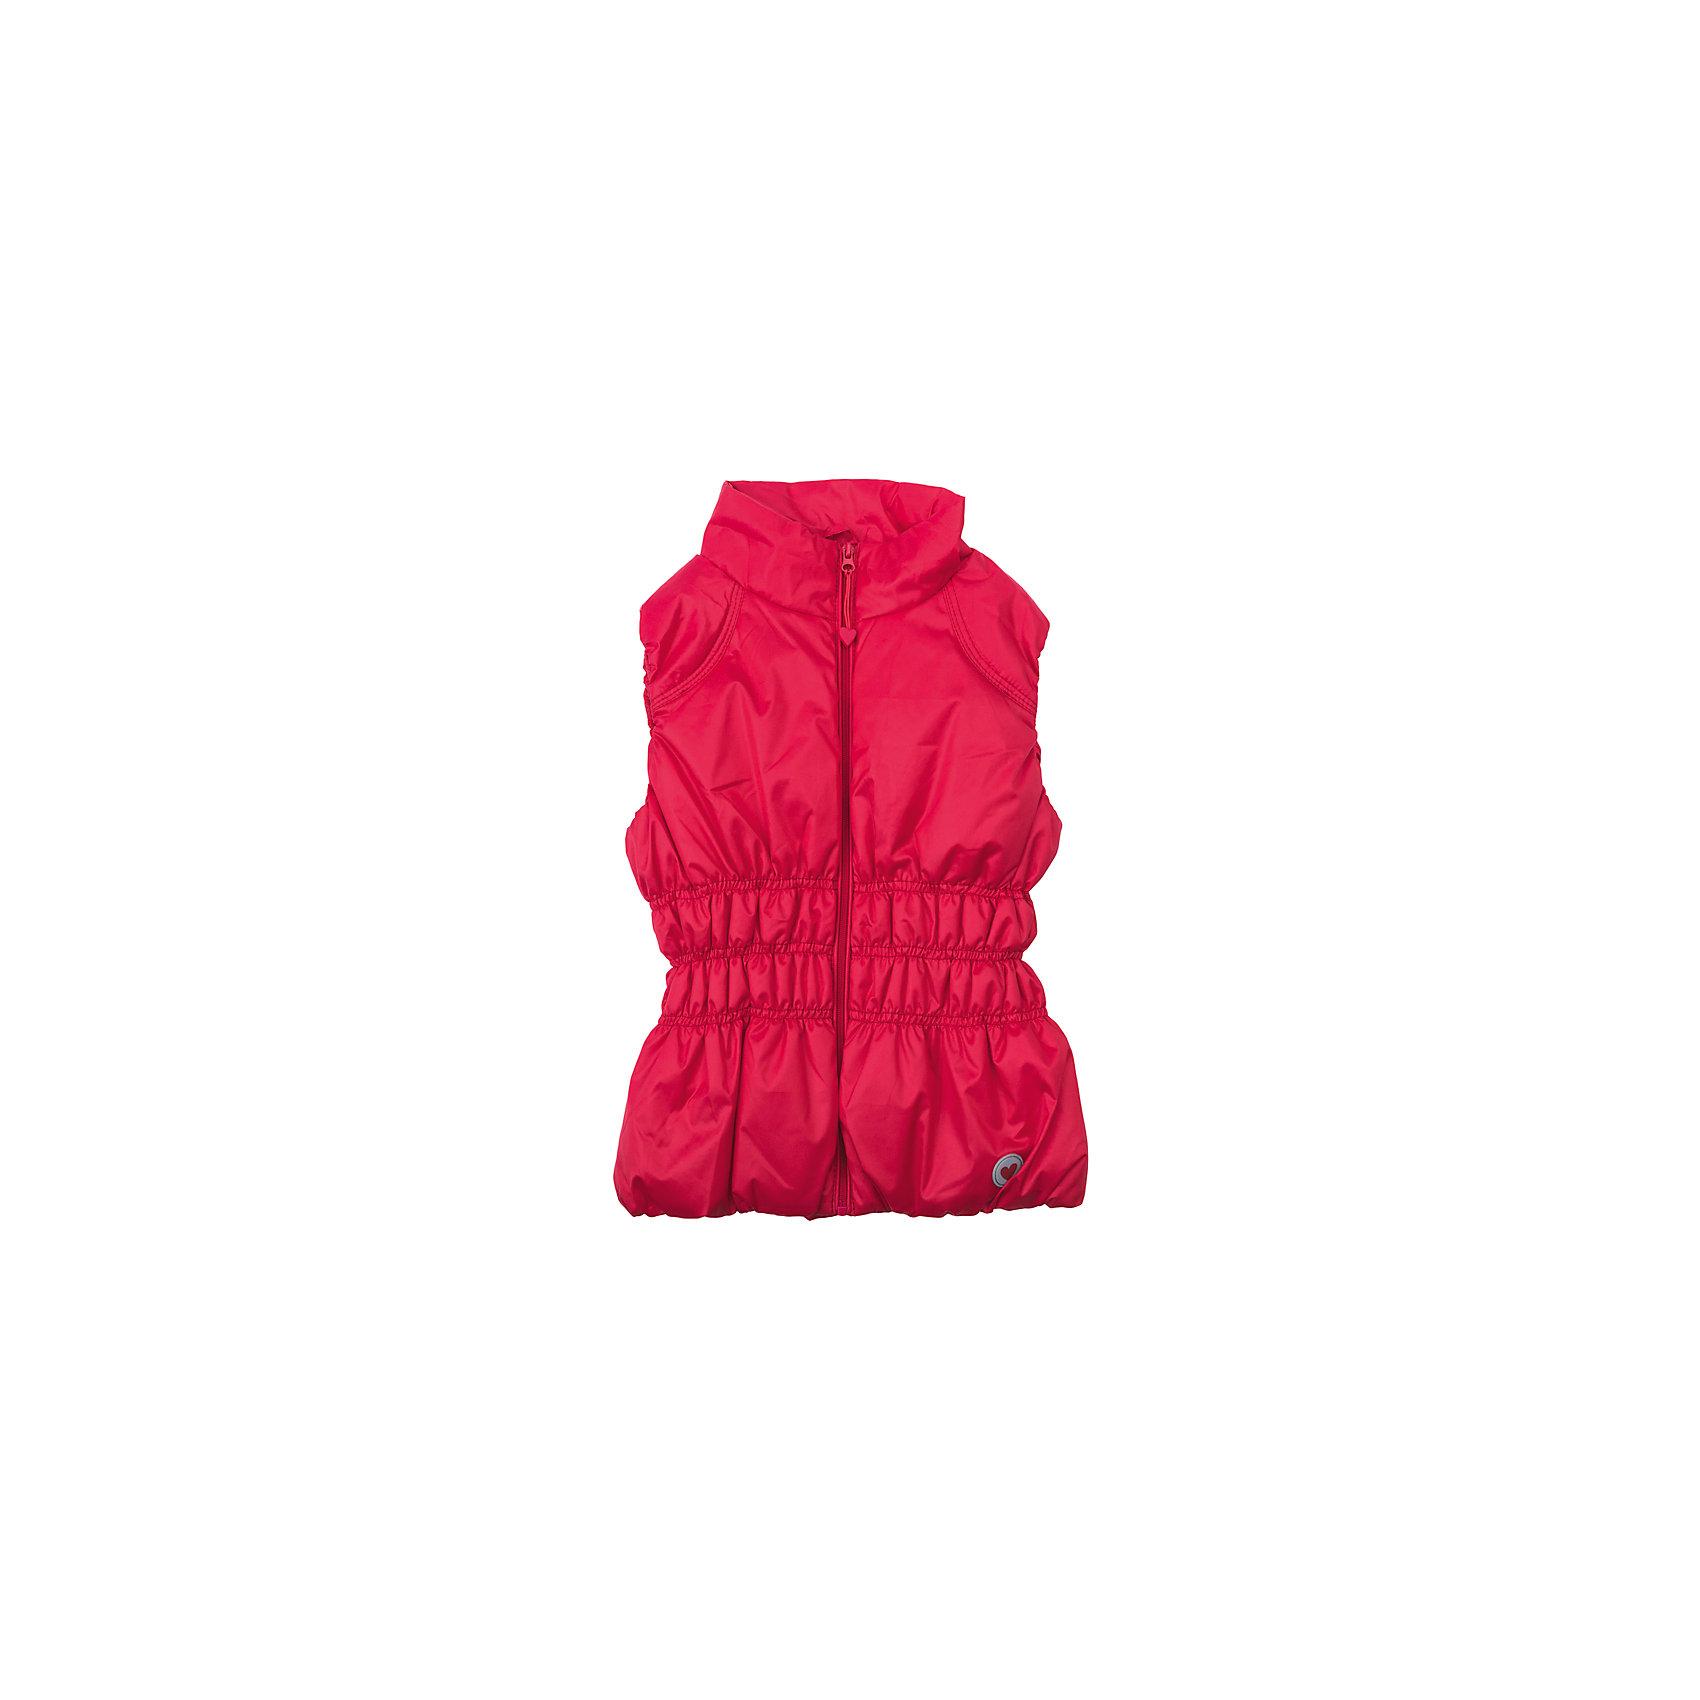 Жилет для девочки PlayTodayВерхняя одежда<br>Жилет для девочки PlayToday<br>Утепленный жилет с водооталкивающей пропиткой - замечательное решение для весны. Наличие светооражателя на подоле позволит видеть Вашего ребенка в темное время суток. За счет мягкой резинки на пройме рукавов, данный жилет будет удобен и в ветреную погоду. Модель с широкими резинками на талии, для дополнительного сохранения тепла. <br><br>Преимущества: <br><br>Мягкие резинки на талии<br>Светоотражатель на подоле<br>Мягкие резинки в пройме рукавов<br><br>Состав:<br>Верх: 100% полиэстер, Подкладка: 100% полиэстер, Наполнитель: 100% полиэстер, 50 г/м2<br><br>Ширина мм: 356<br>Глубина мм: 10<br>Высота мм: 245<br>Вес г: 519<br>Цвет: красный<br>Возраст от месяцев: 72<br>Возраст до месяцев: 84<br>Пол: Женский<br>Возраст: Детский<br>Размер: 122,128,98,104,110,116<br>SKU: 5403613